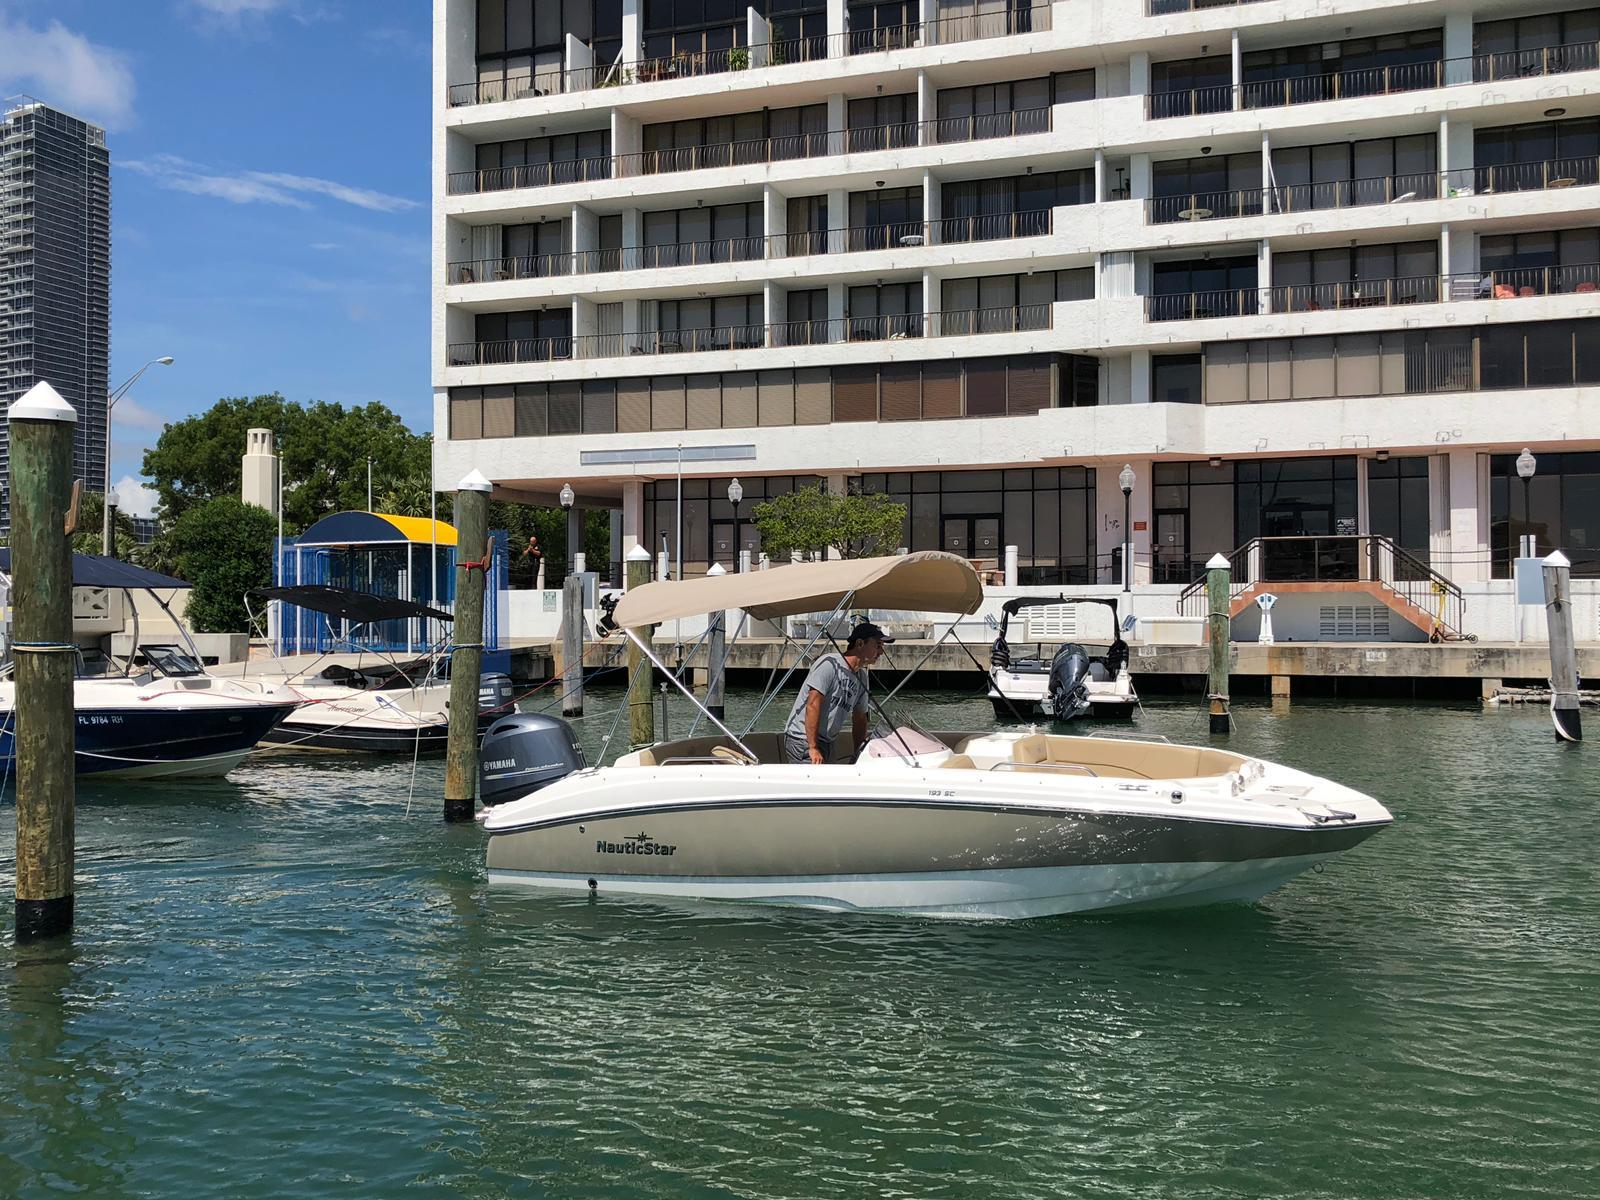 Contact Miami Boat Rentals Online